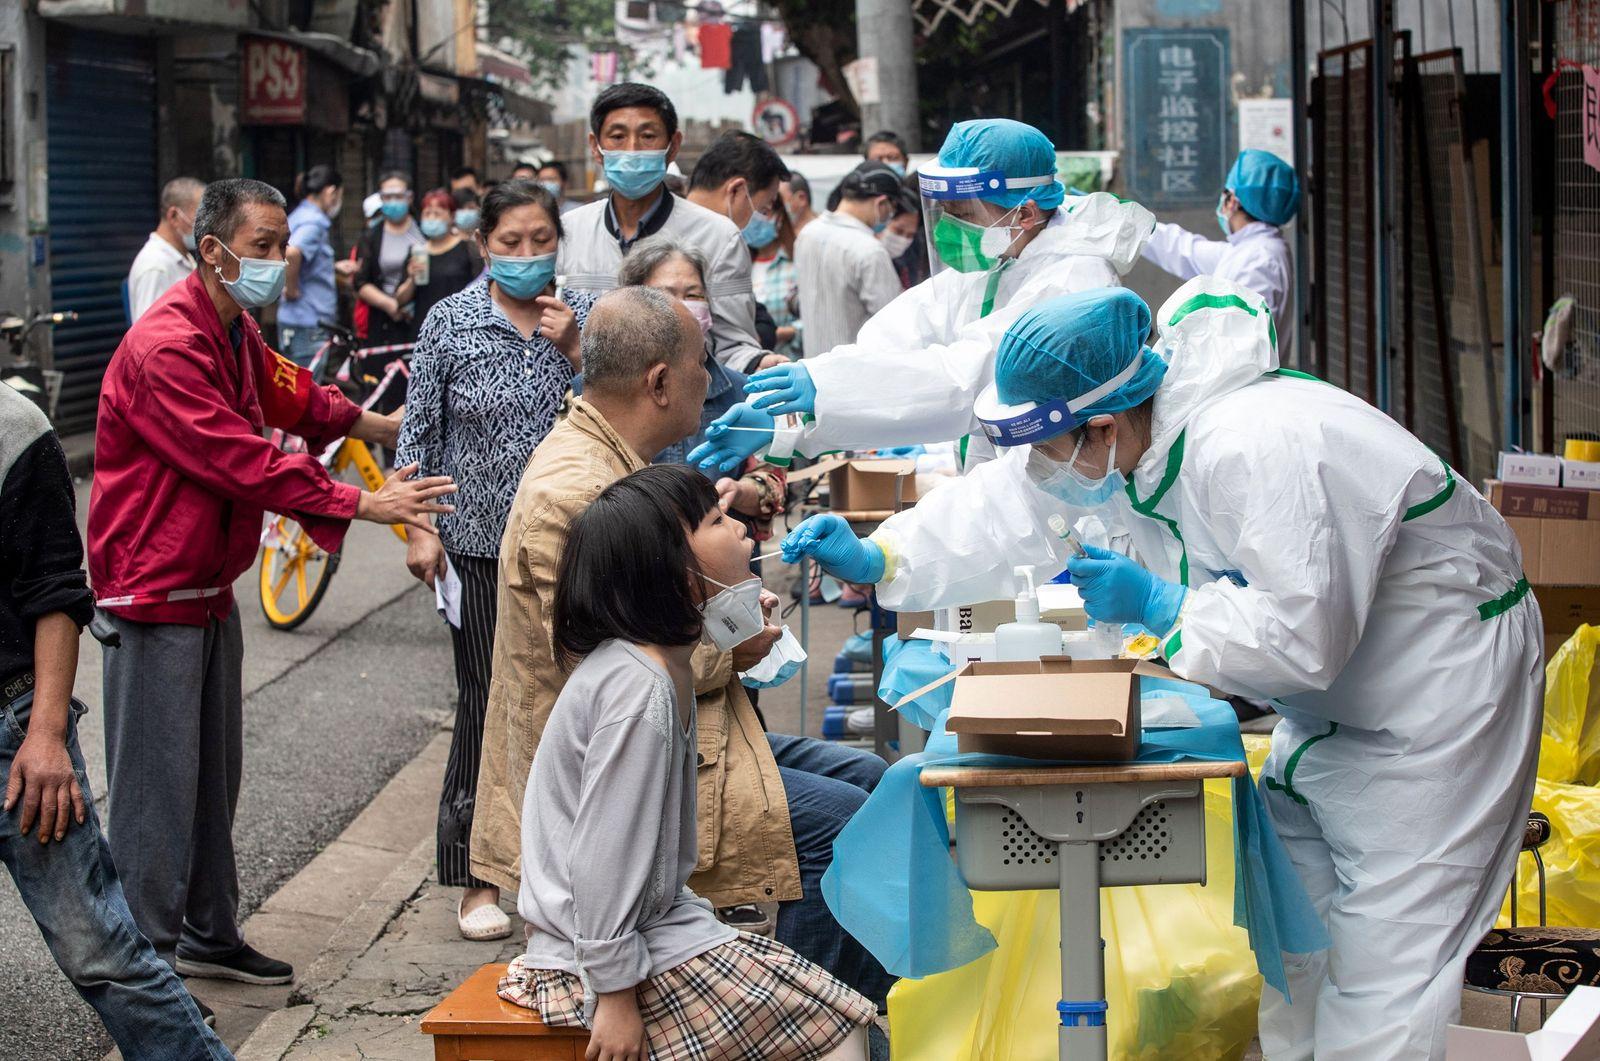 Coronavirus / Massentest / Wuhan